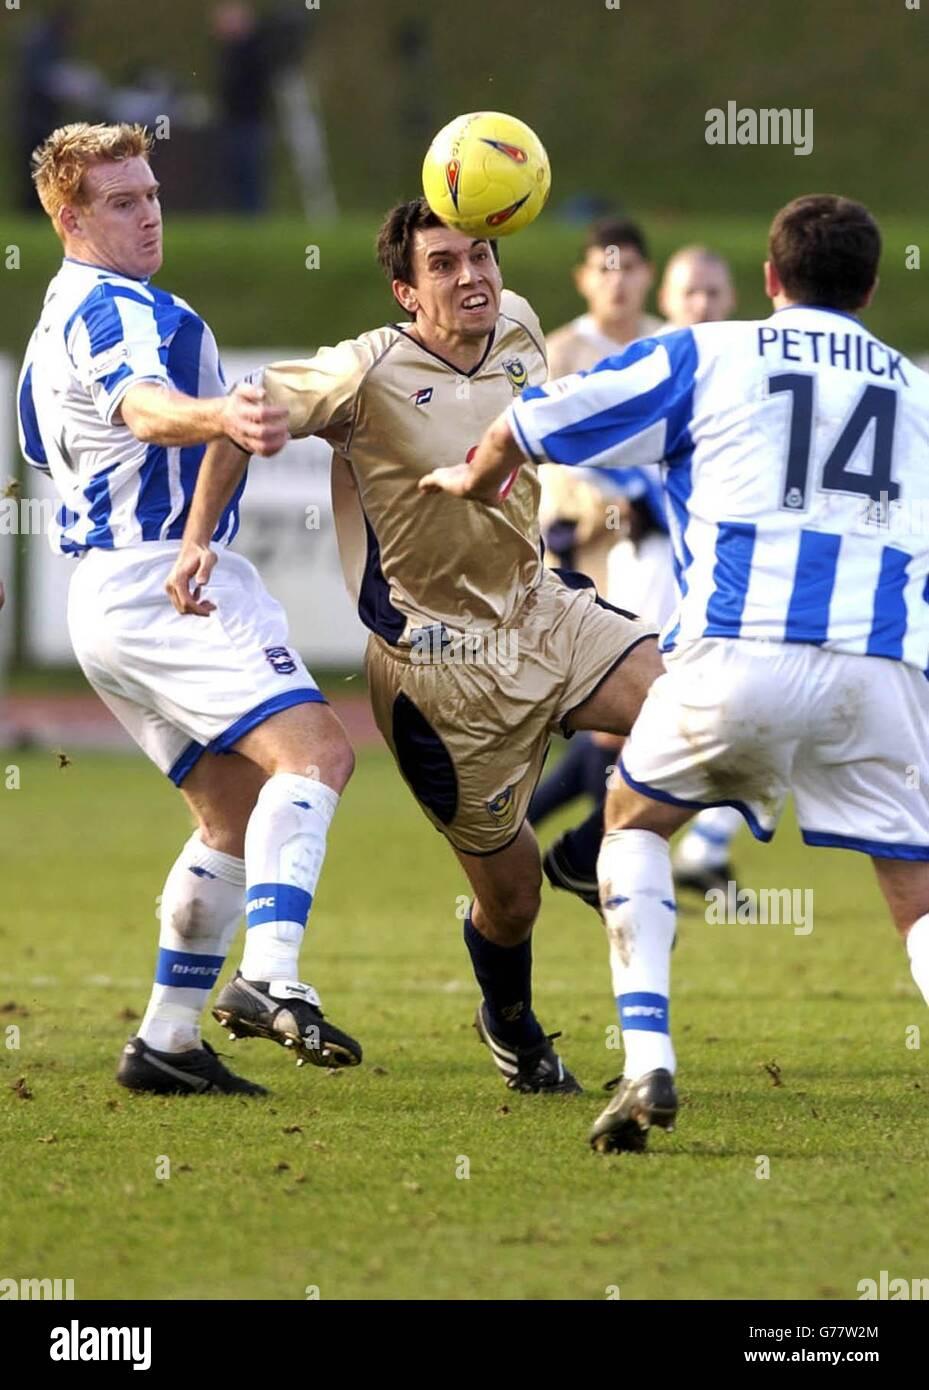 Svetoslav Todorov de Portsmouth tente de passer devant Kerry Mayo (L) et Robbie Pethick de Brighton lors de leur match de la division 1 nationale au Withdean Stadium de Brighton. PAS D'UTILISATION DU SITE WEB DU CLUB OFFICIEUX. Banque D'Images